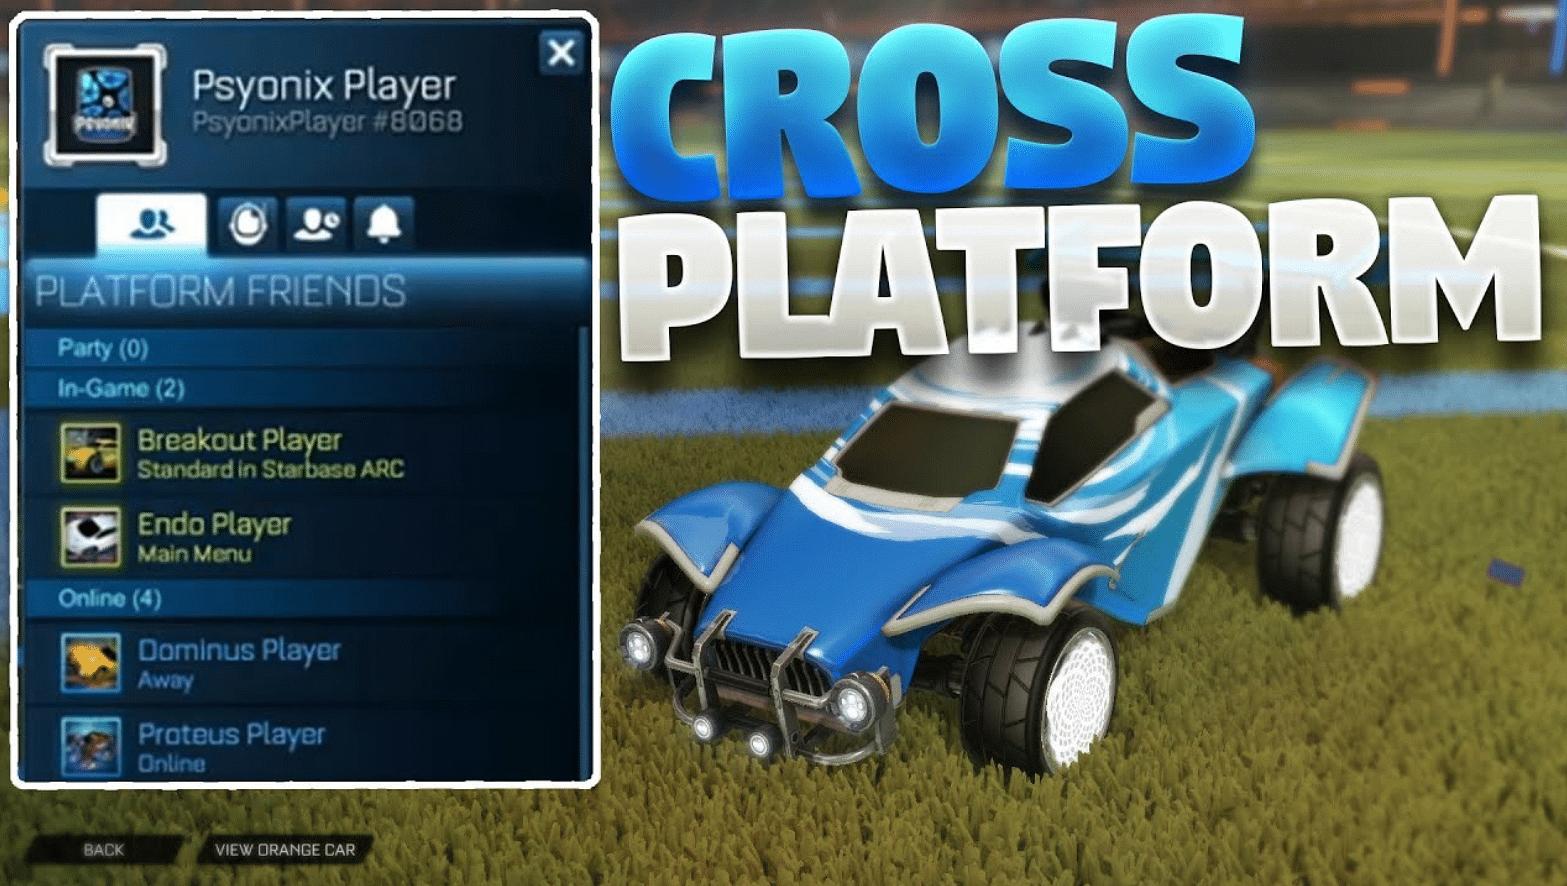 Cross Play in Rocket League